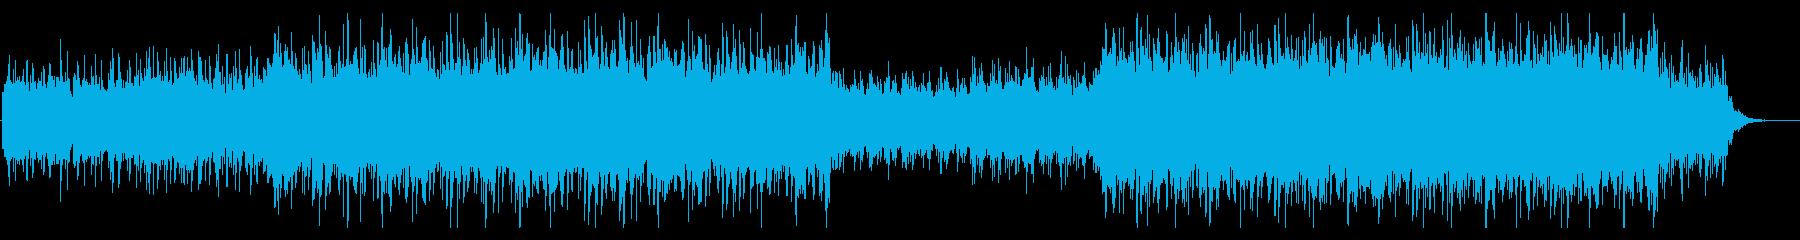 クールでややシリアスなアンビエントEDMの再生済みの波形